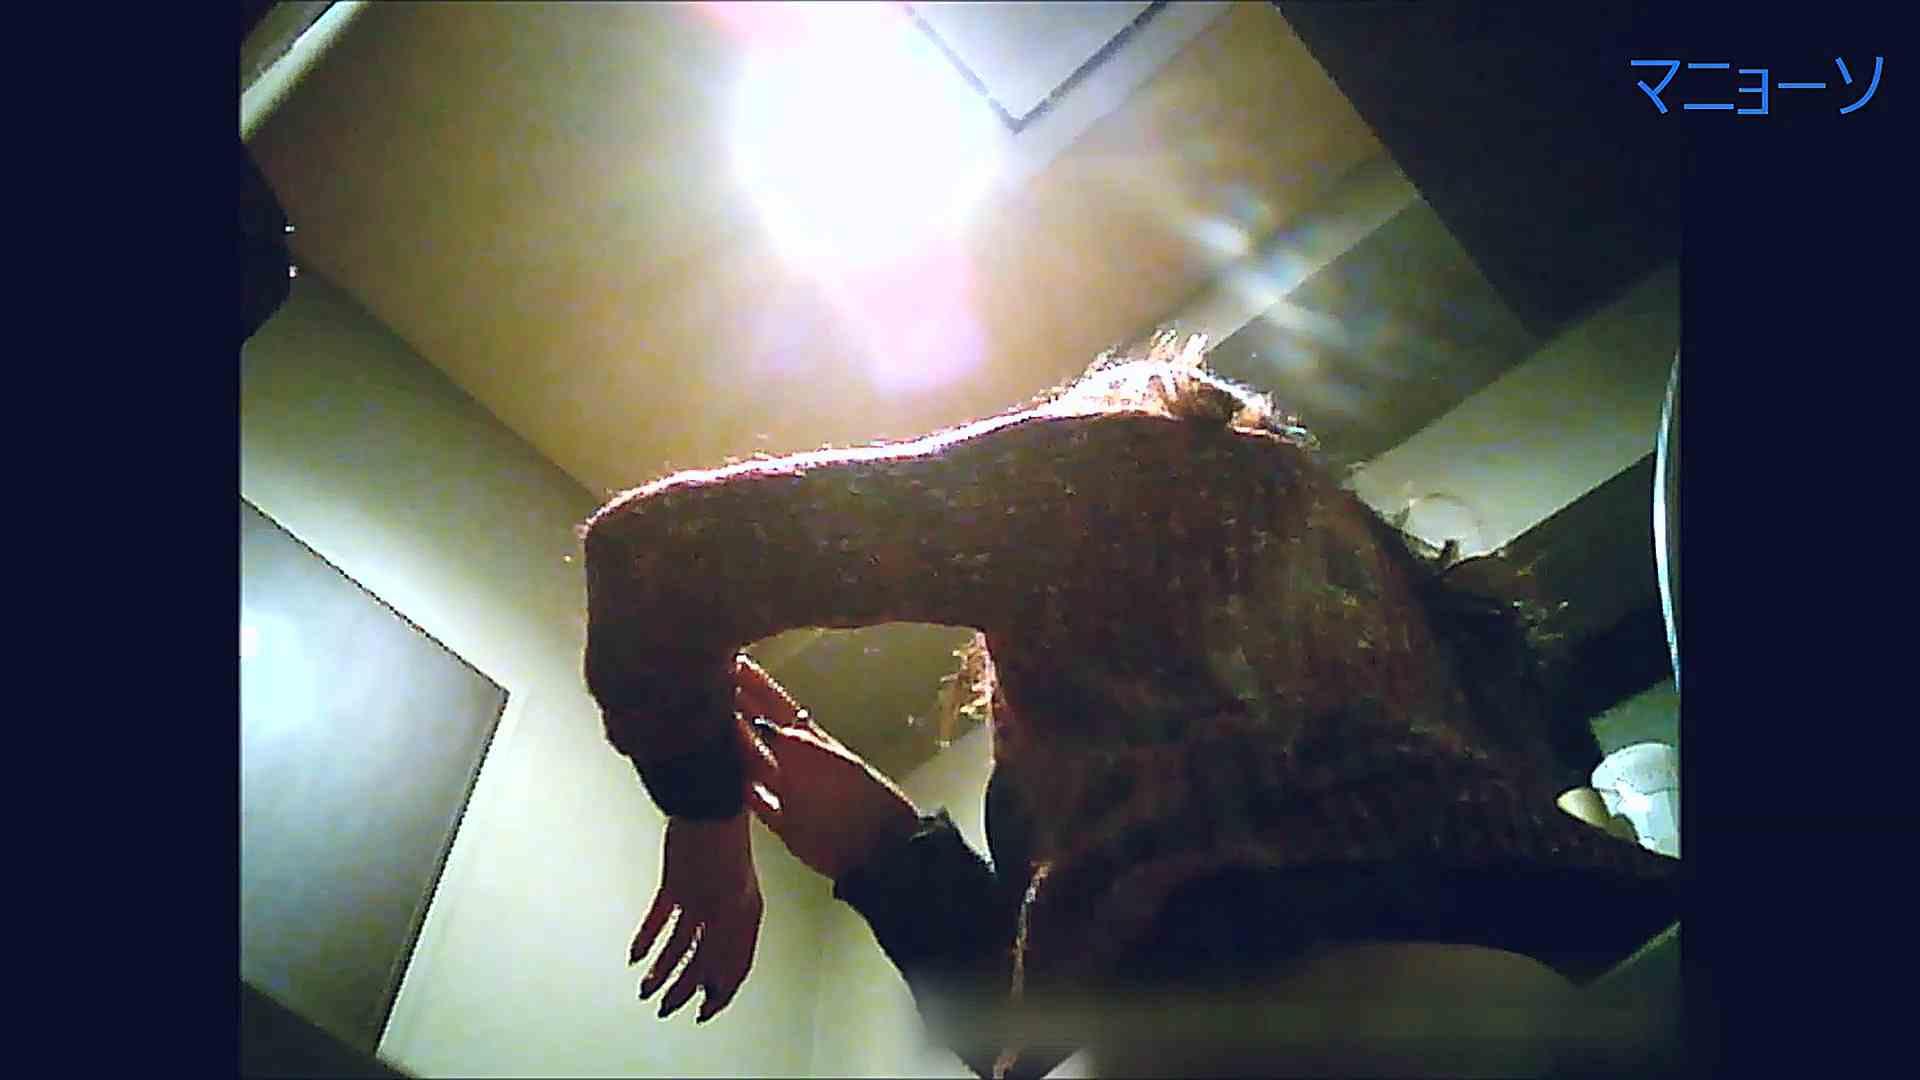 トイレでひと肌脱いでもらいました (OL編)Vol.13 OL | トイレ中  61連発 55